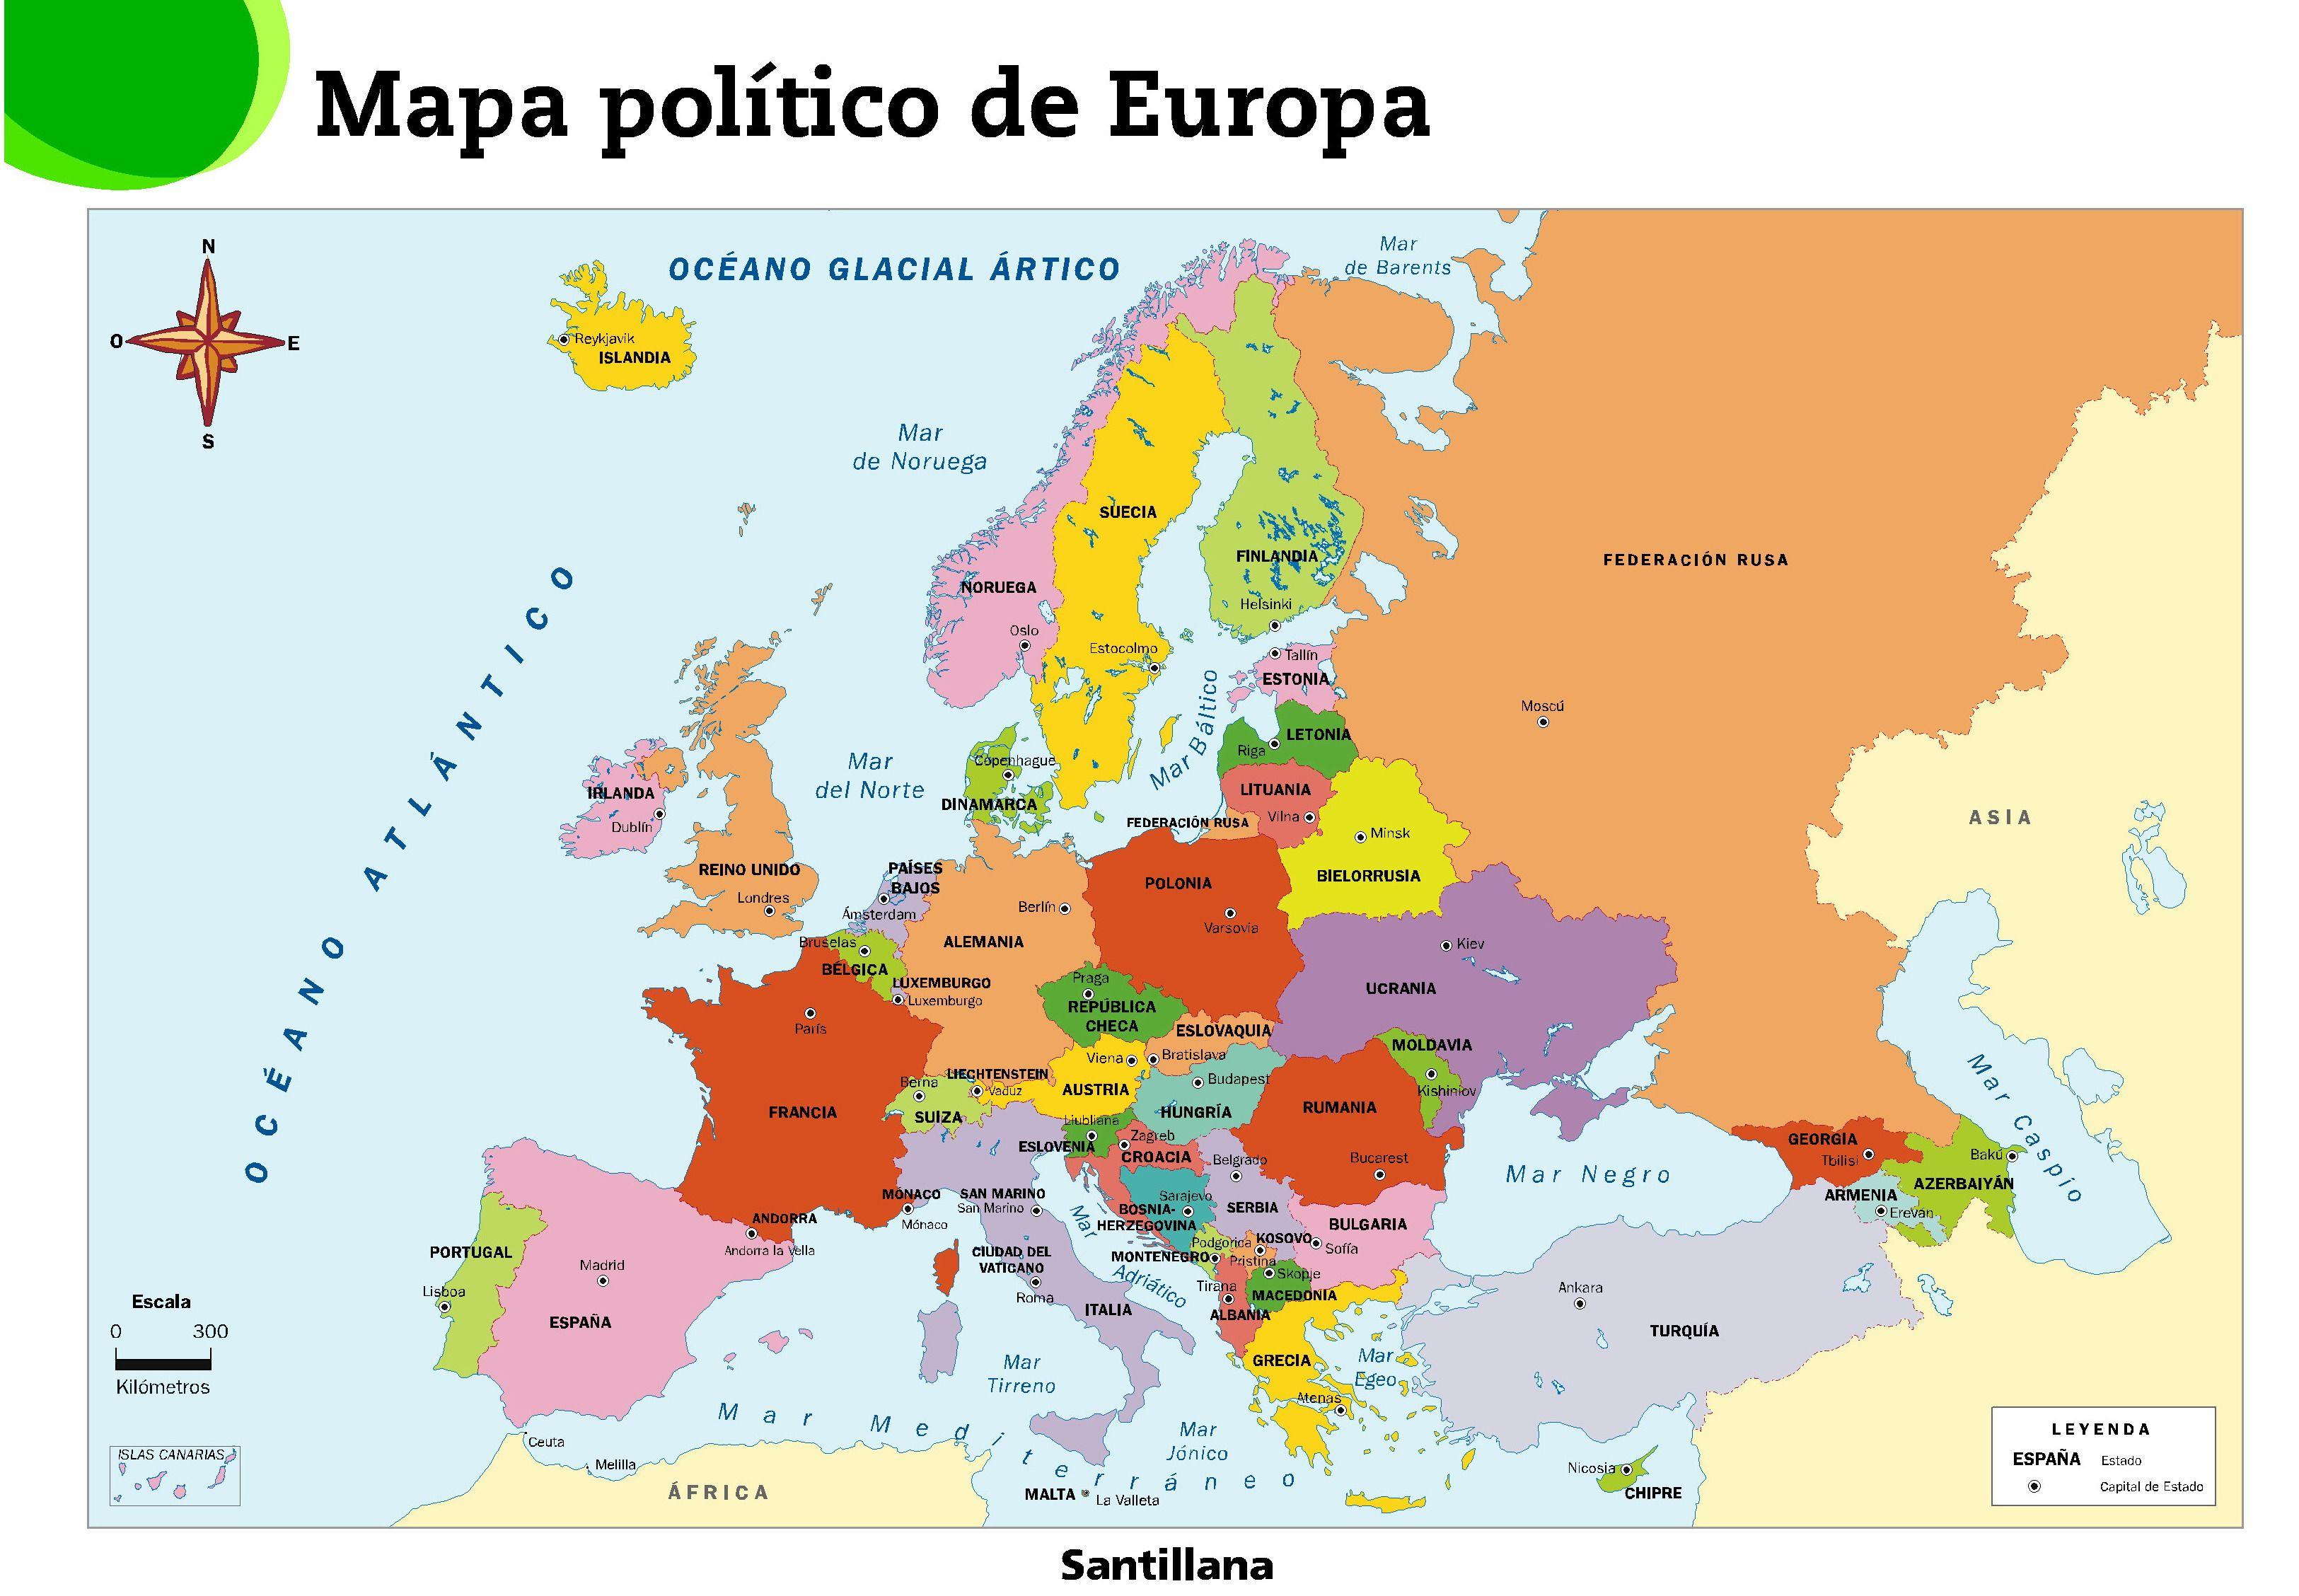 Mapa de europa politico buscar con google for spanish class mapa de europa politico buscar con google publicscrutiny Gallery